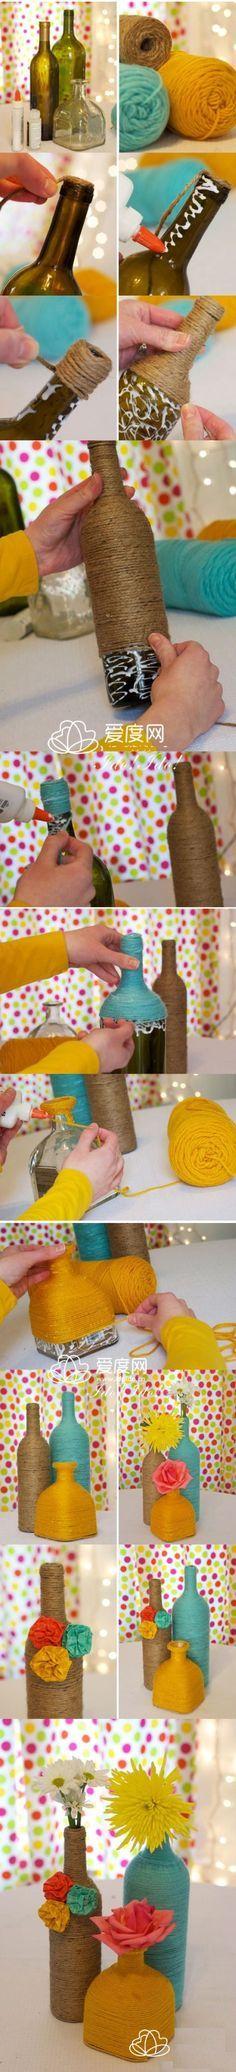 Seguro que reciclas el vidrio. ¿Qué tal si le das una segunda vida y creas jarrones con botellas vacías?